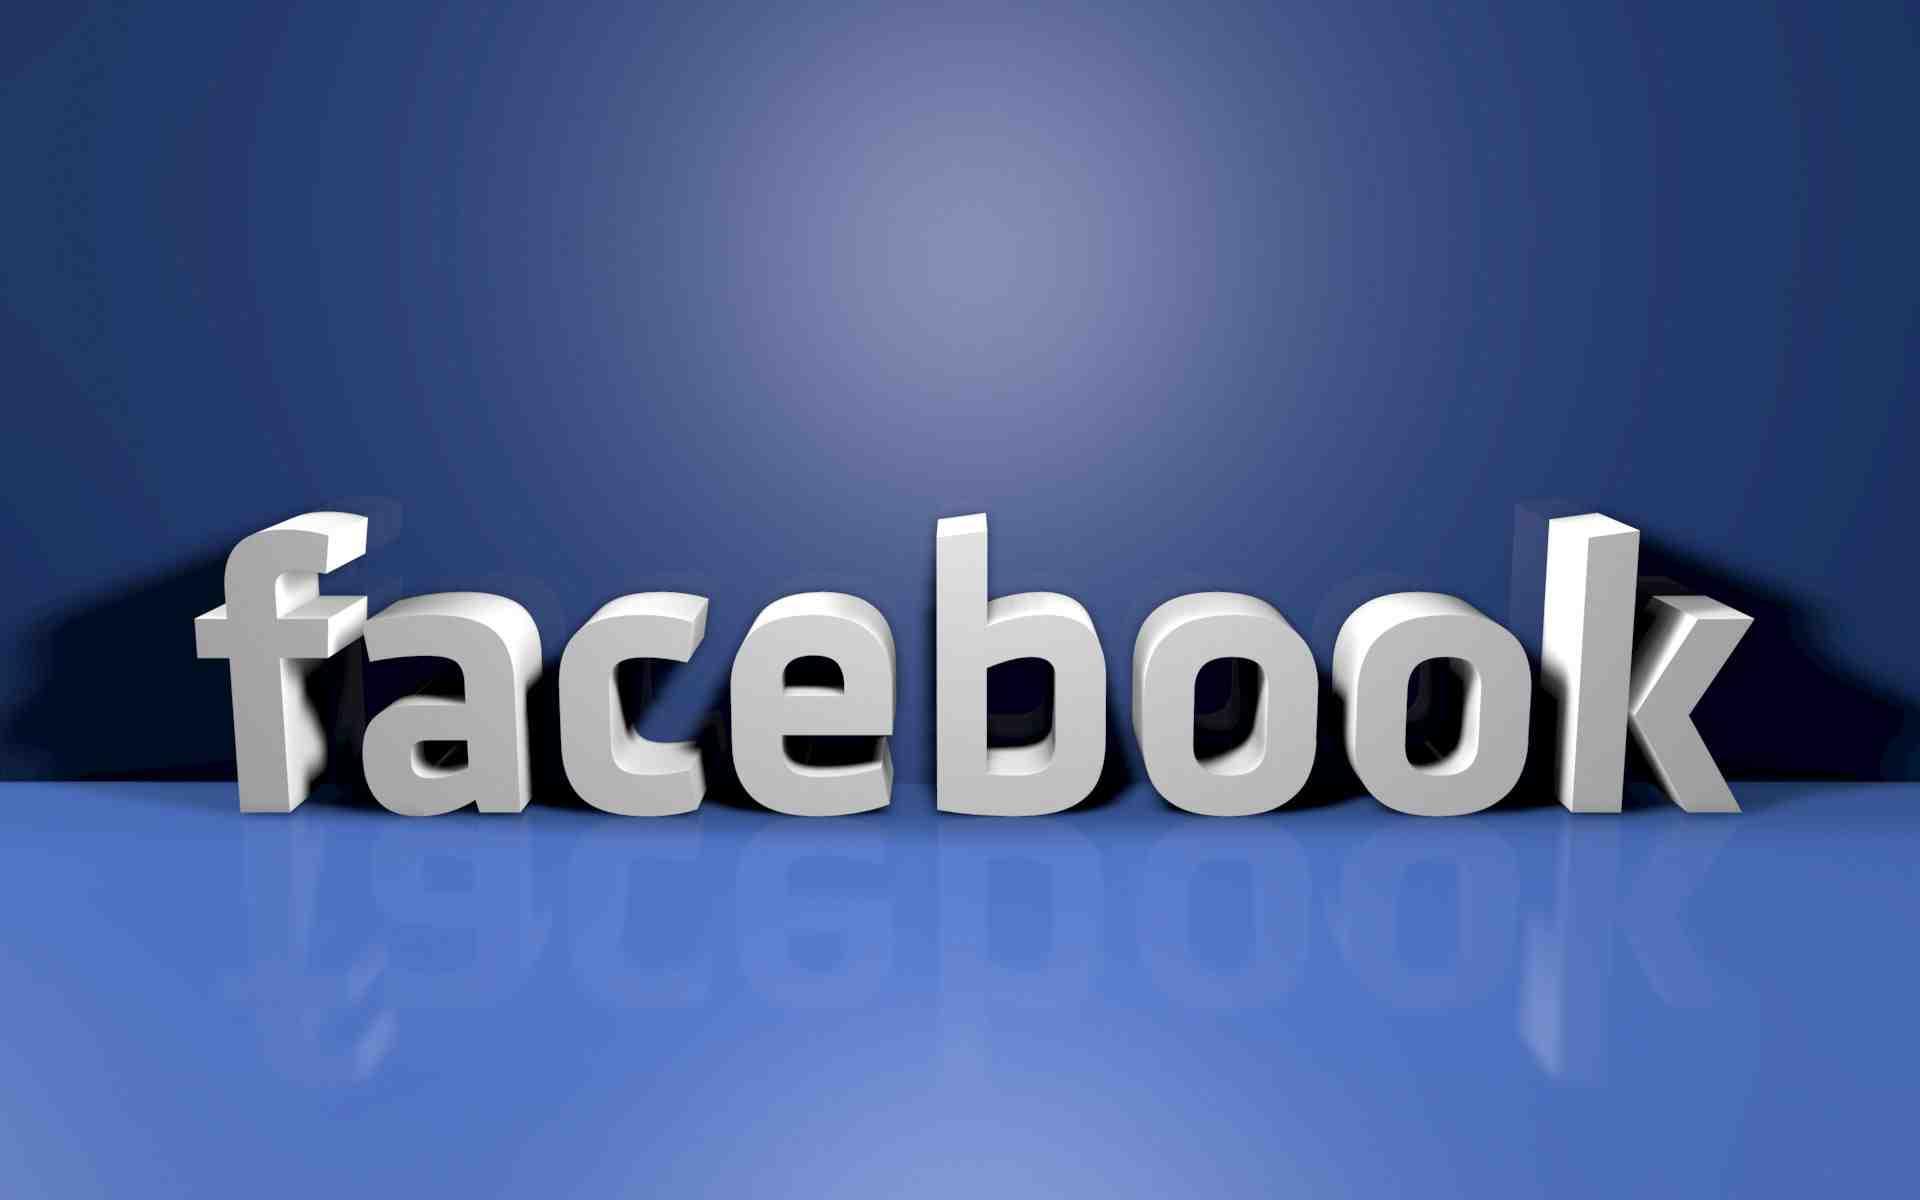 4 خطوات لالغاء التنبيهات الصوتية للفيس بوك